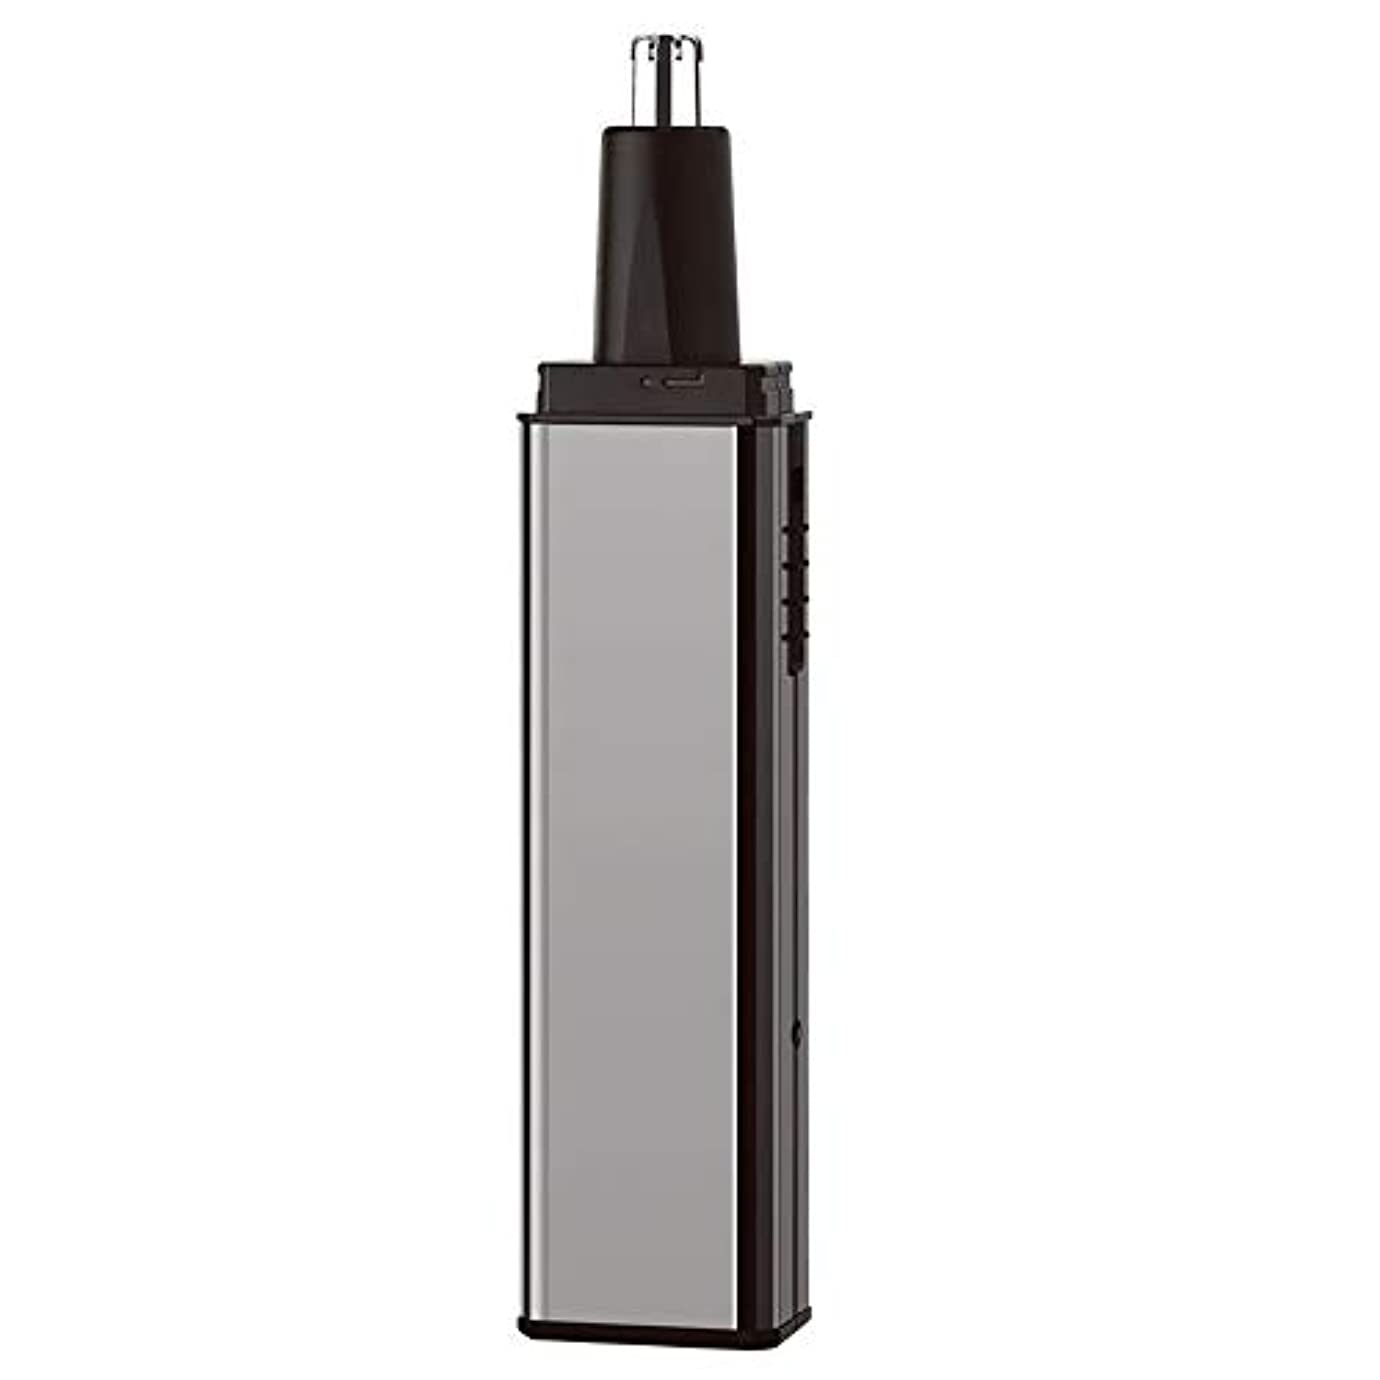 雲後世階段鼻毛トリマー-多機能スーツフォーインワン/電気鼻毛トリマー/ステンレススチール/多機能/ 13.5 * 2.7cm 持つ価値があります